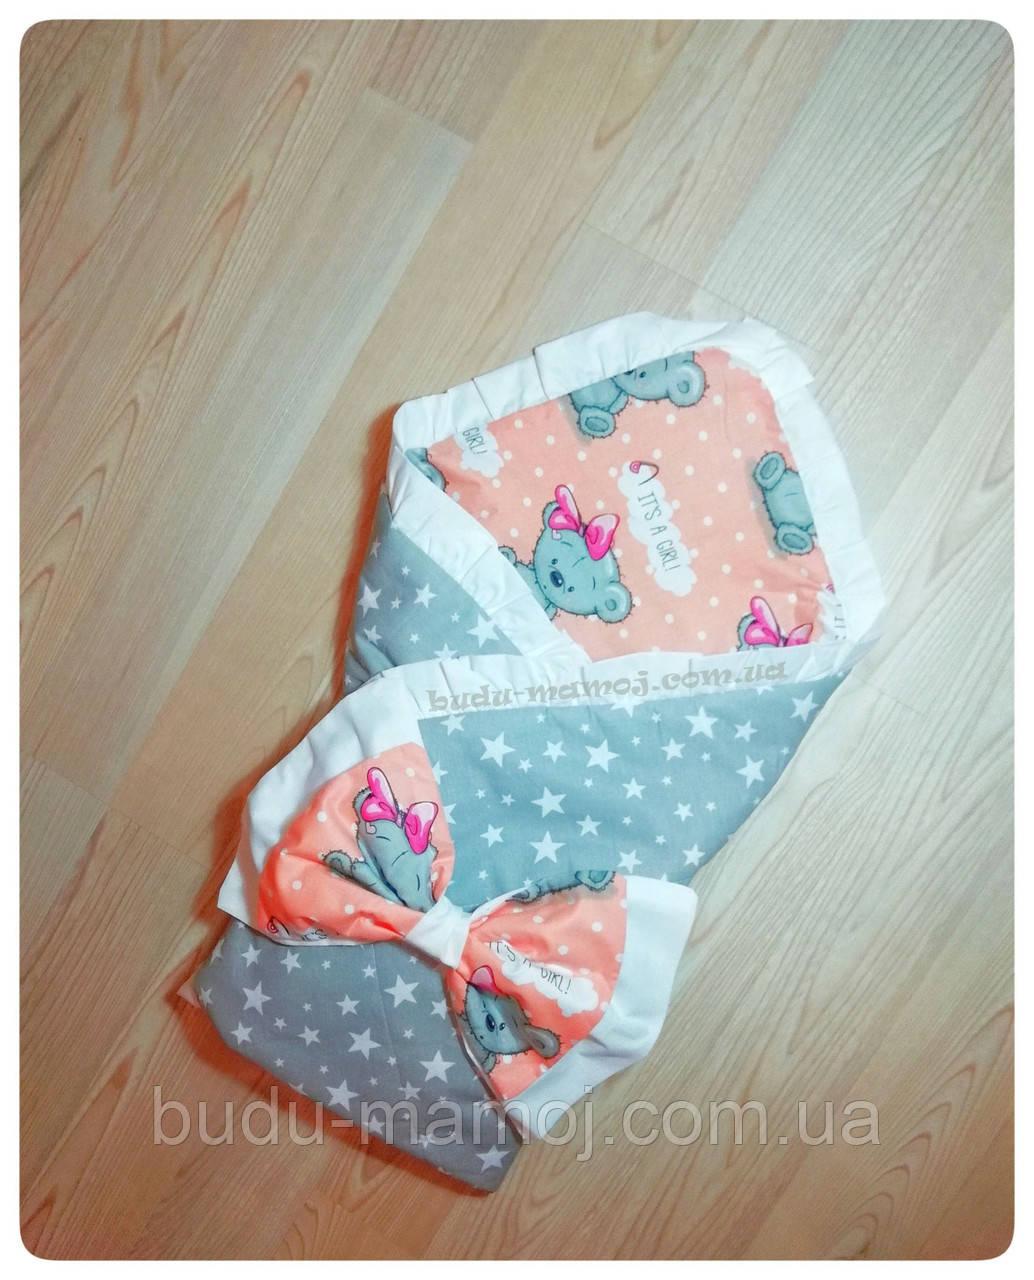 Красивый конверт одеяло на выписку для девочки в роддом для прогулок двухсторонний